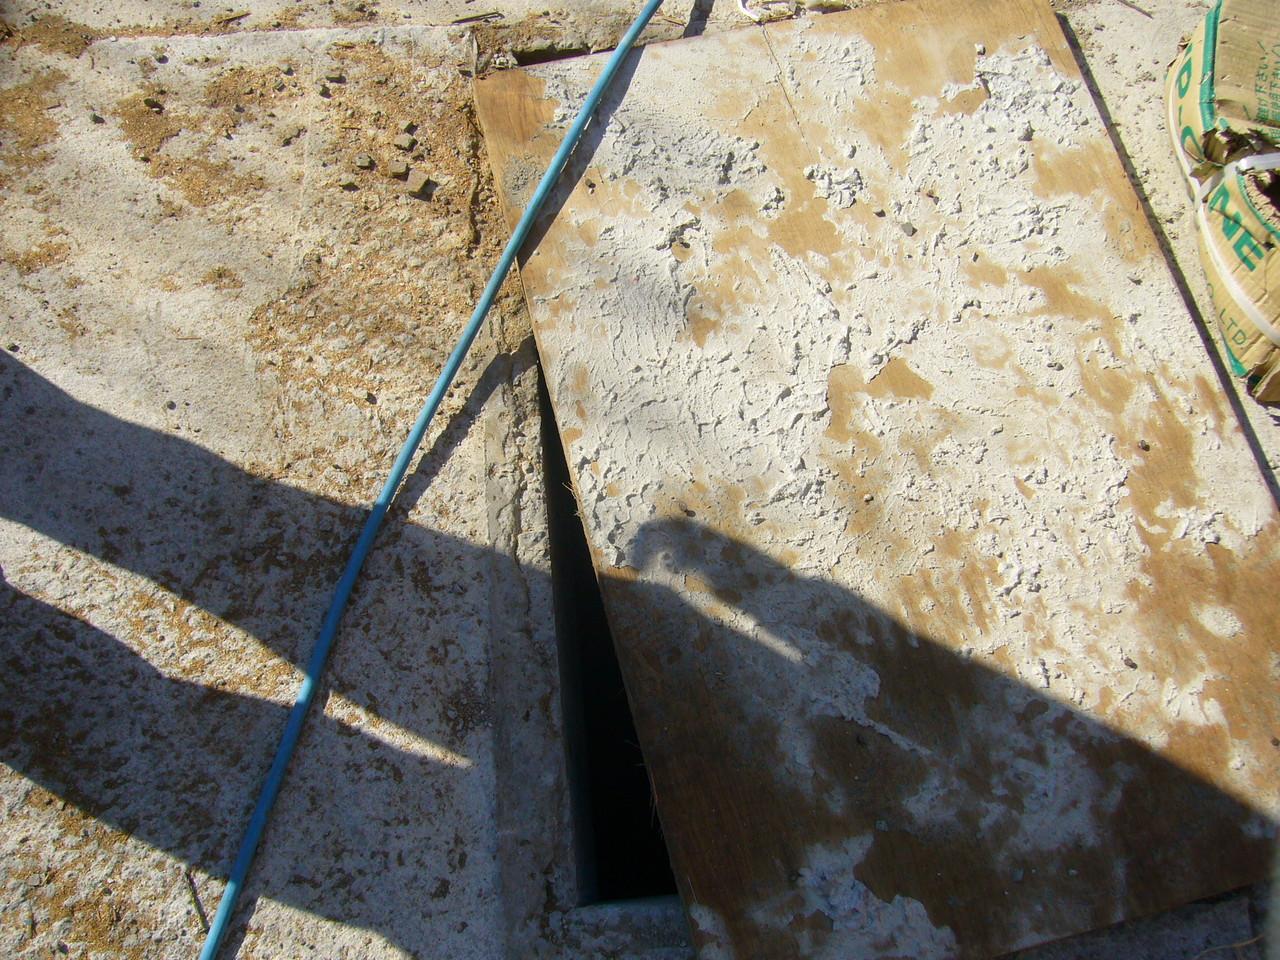 地下ピットへの入り口の蓋が開いている 酸欠対策なし